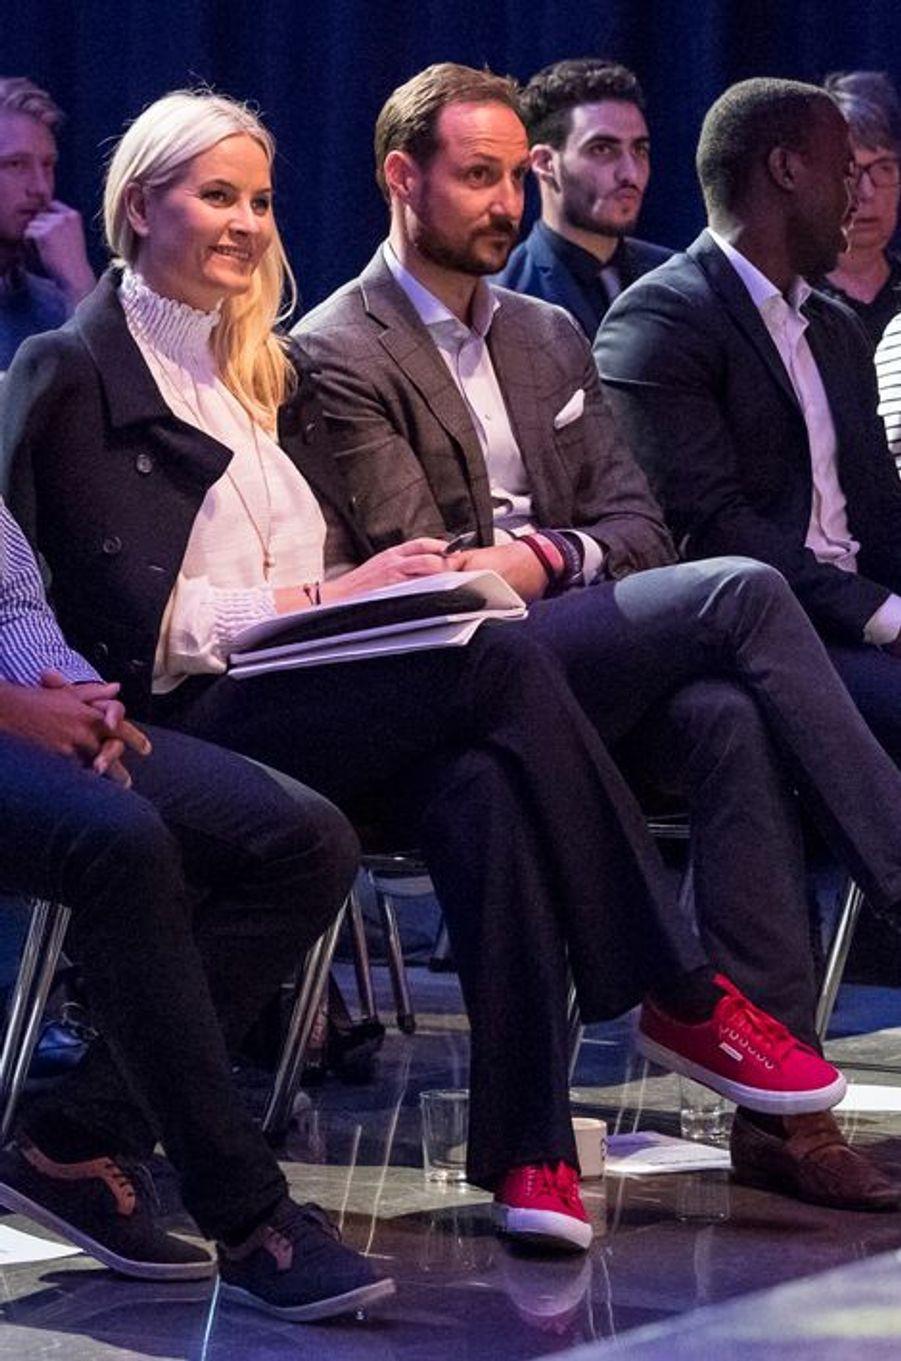 Plutôt que d'élégants escarpins à talons, la princesse Mette-Marit de Norvège a dégainé ce jeudi 31 mars au soir des baskets rouges pour se rendre avec son époux le prince Haakon à une conférence en lien avec la jeunesse.Chaque dimanche, le Royal Blog de Paris Match vous propose de voir ou revoir les plus belles photographies de la semaine royale.